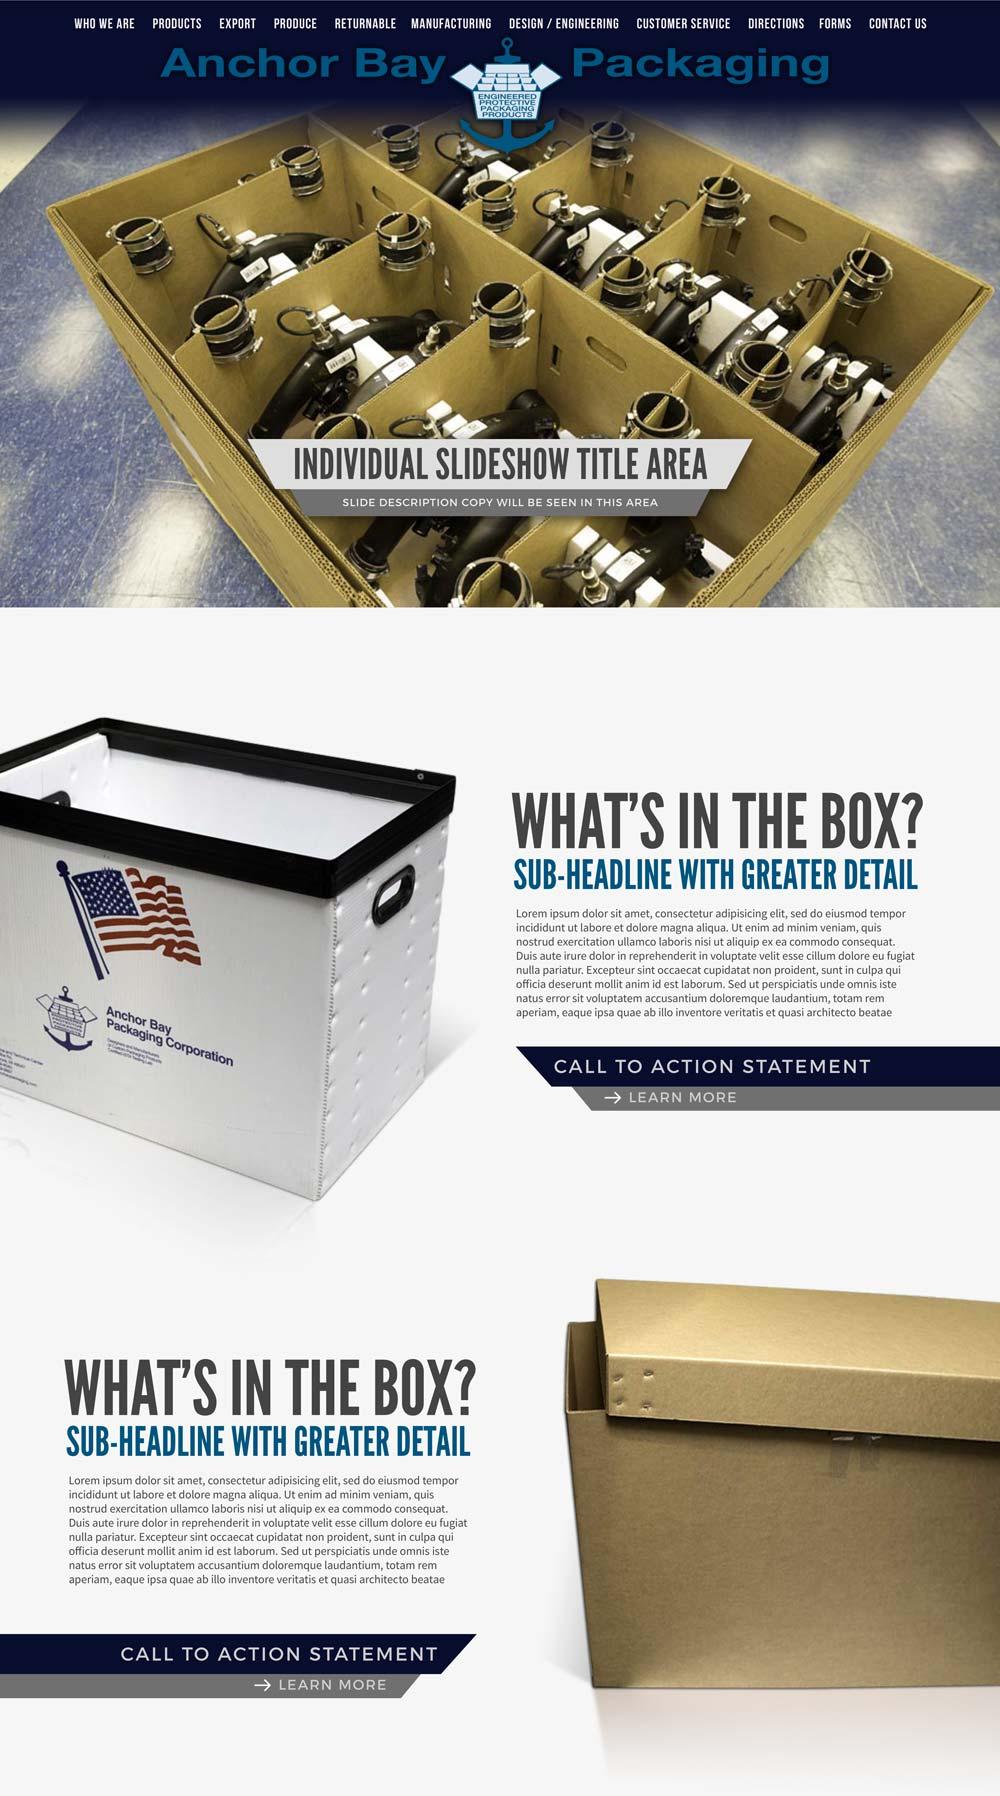 anchor bay website design mockup